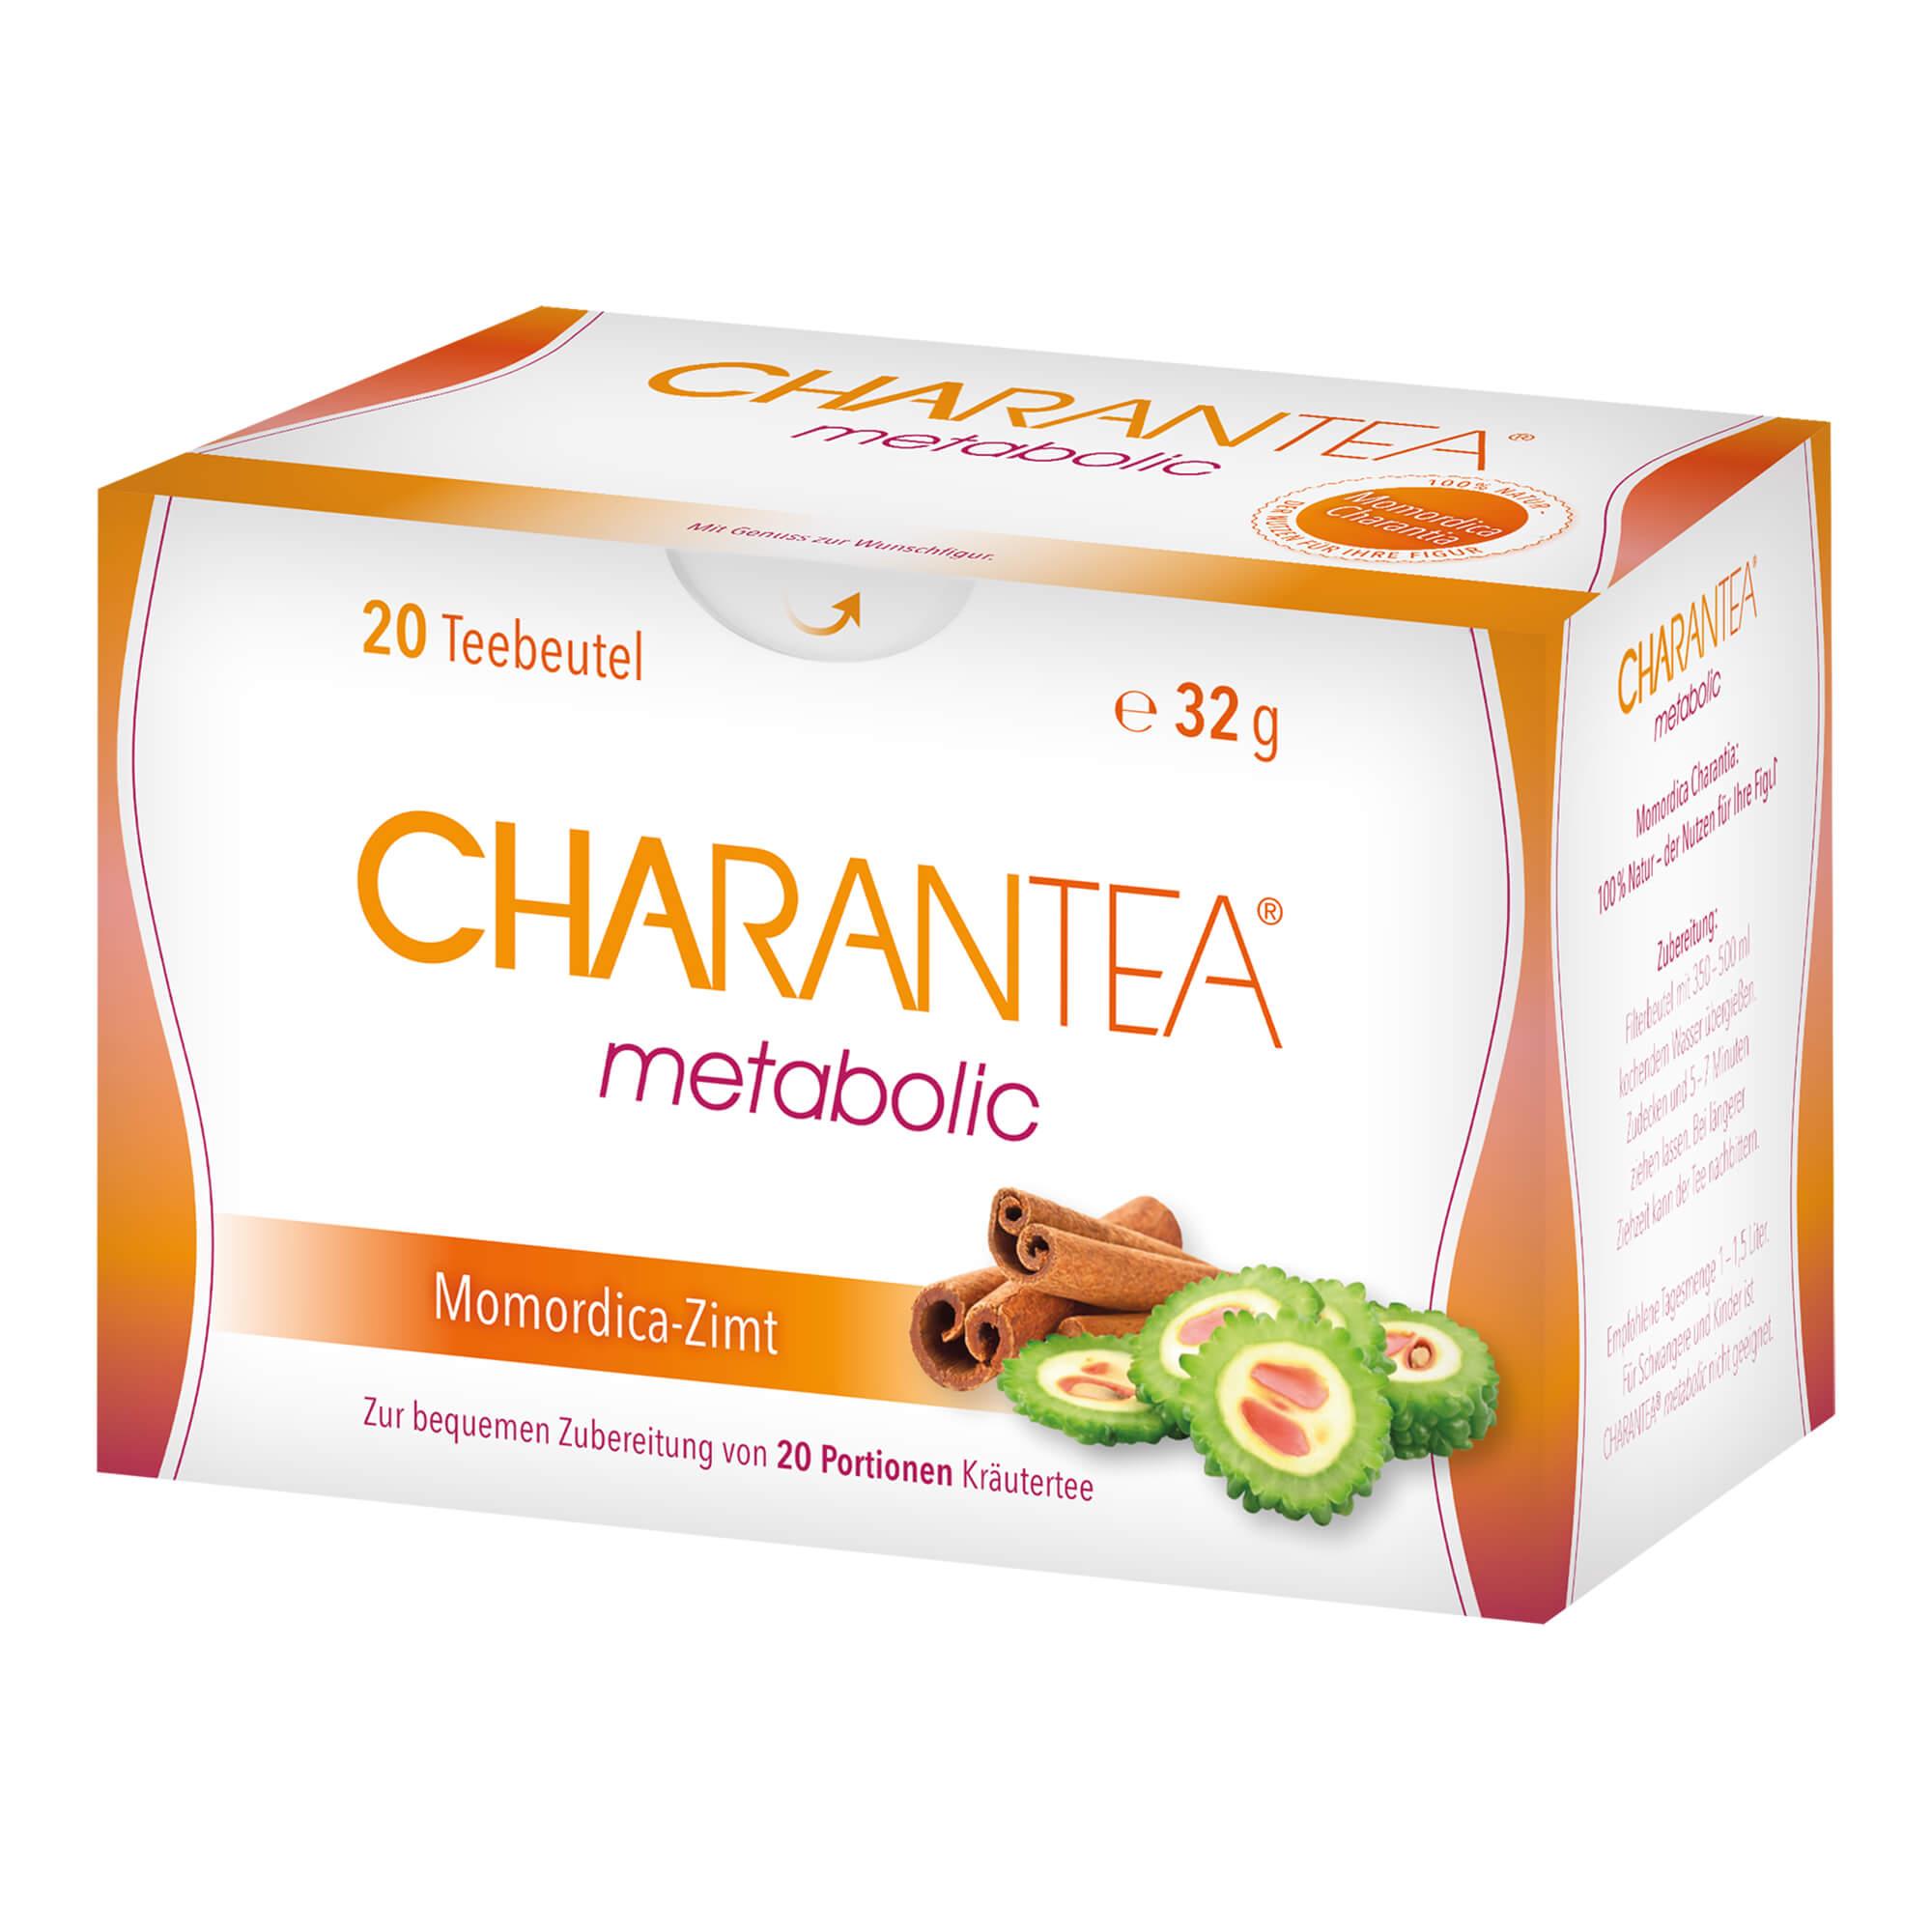 Charantea metabolic Zimt